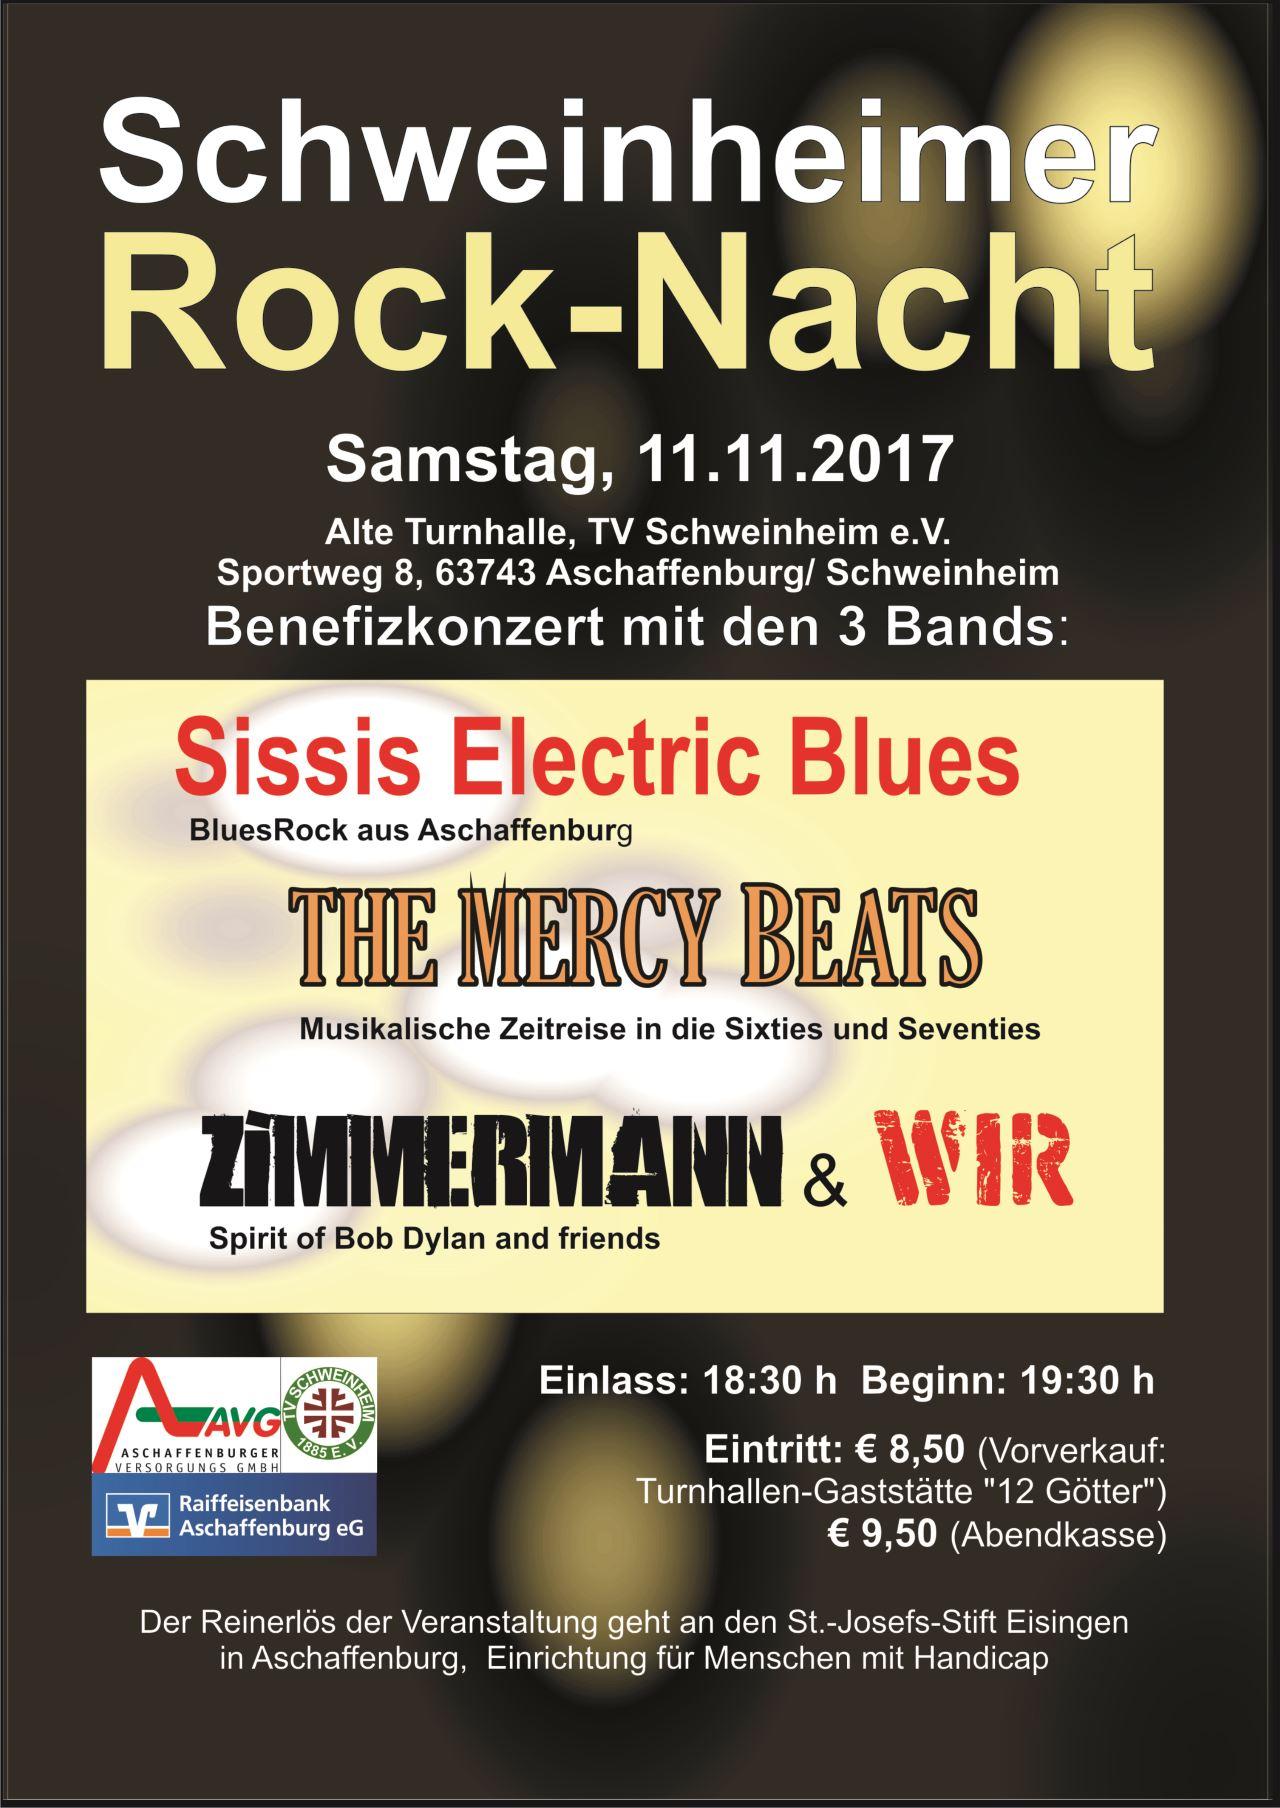 Plakat Schweinheimer Rocknacht 11.11.2017